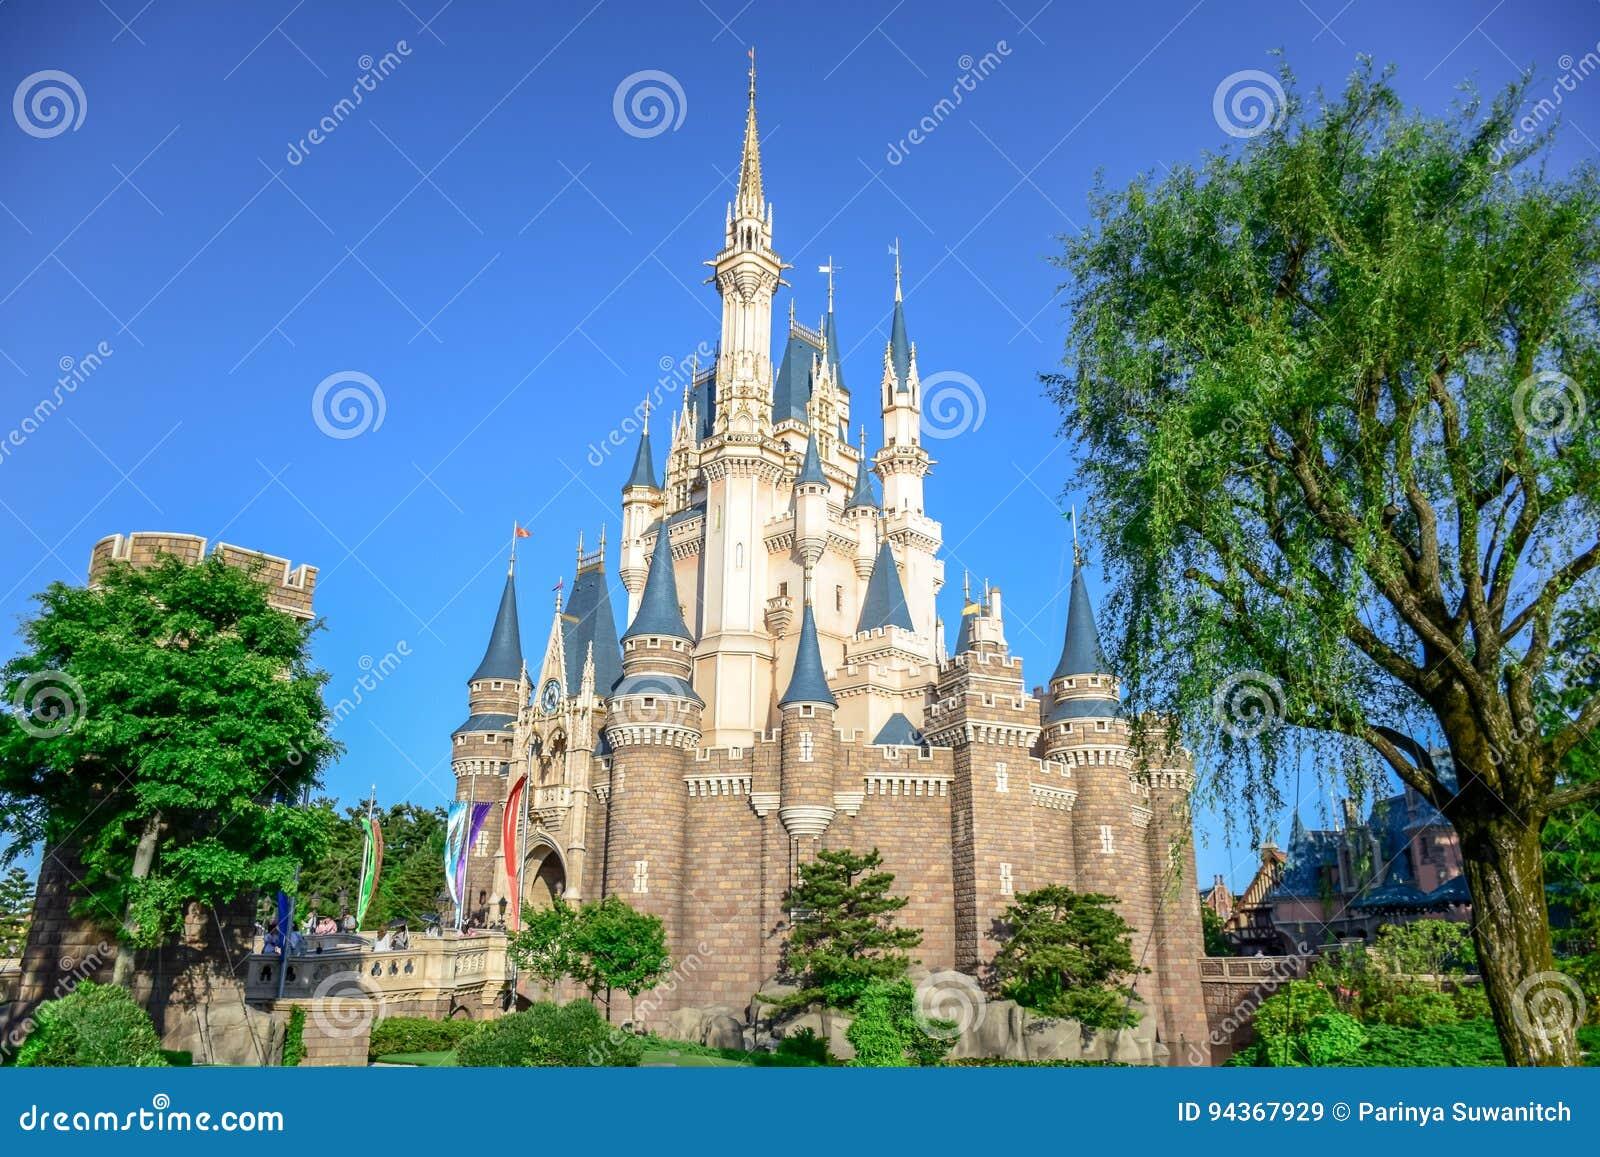 Chiba Japan View Of Tokyo Disneyland Cinderella Castle Editorial